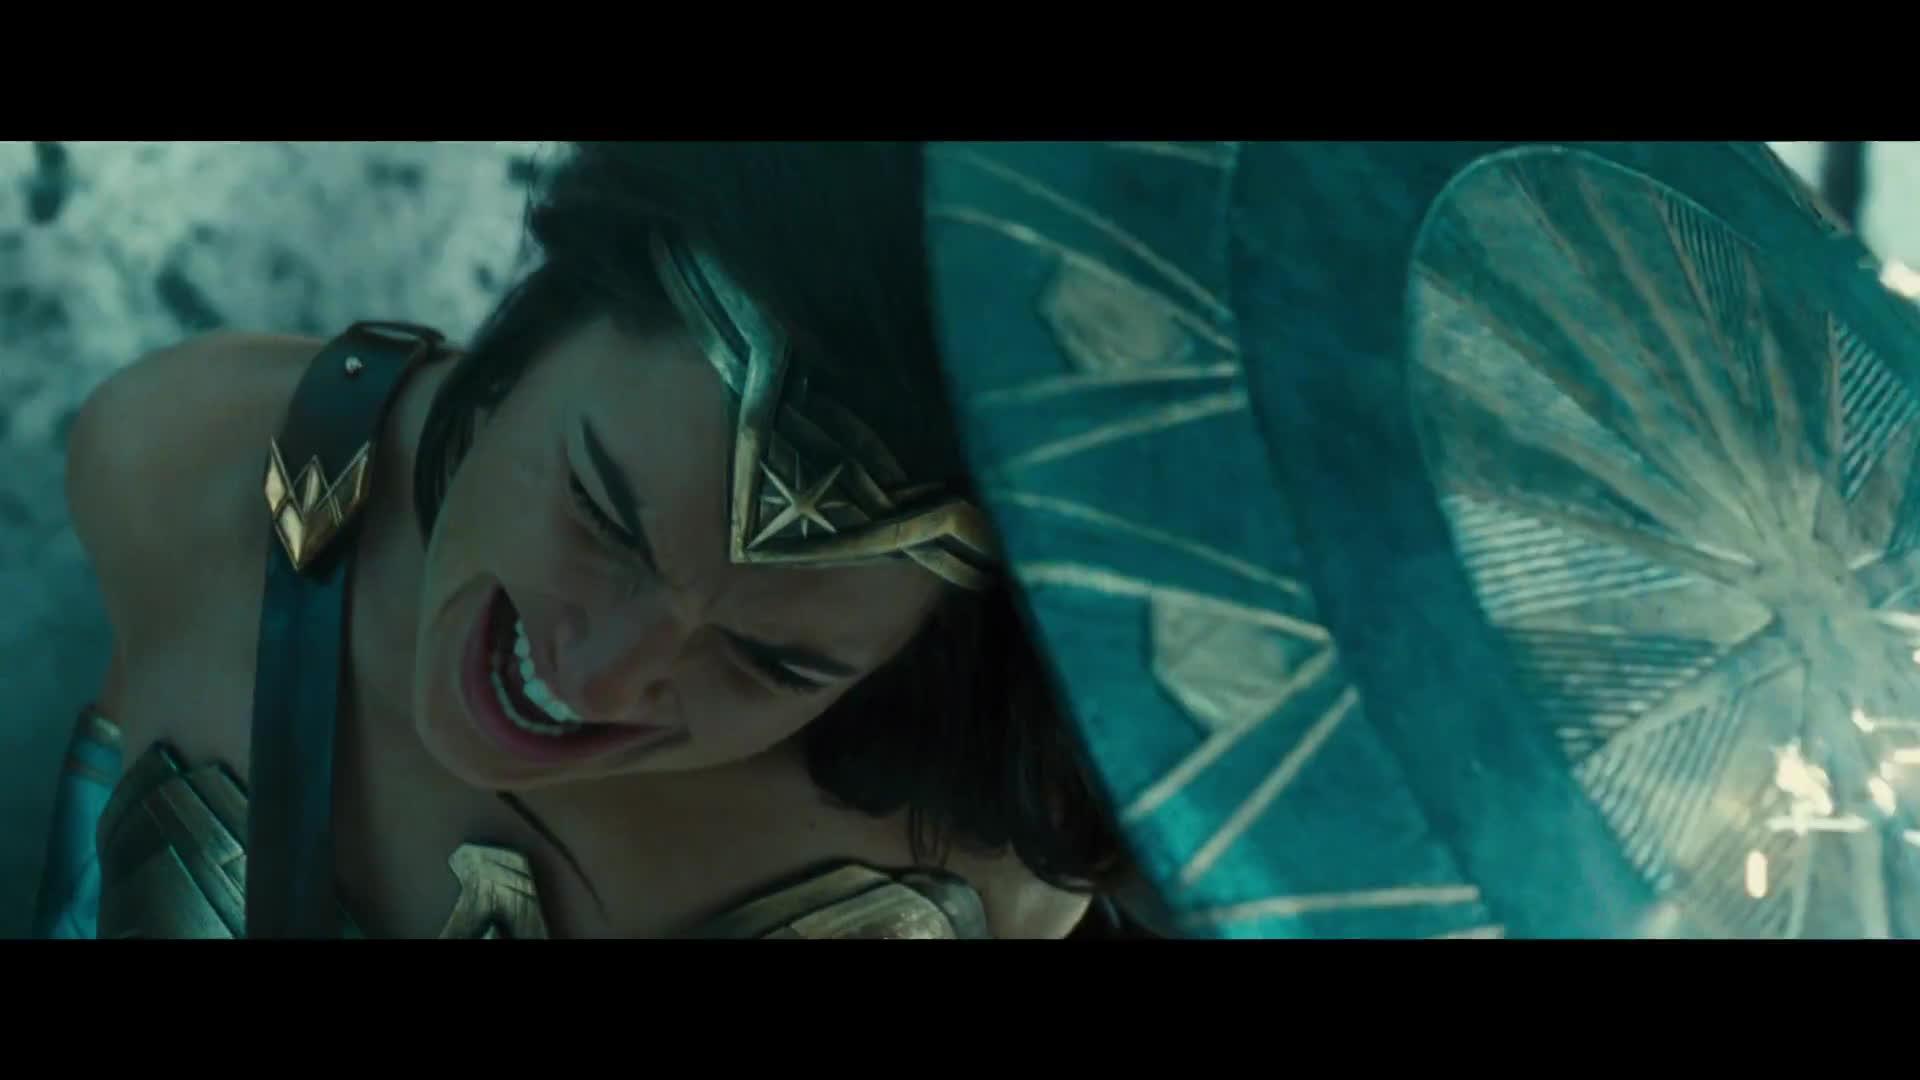 Đủ bằng chứng để khẳng định Wonder Woman đã vực dậy tinh thần cho Vũ trụ DC